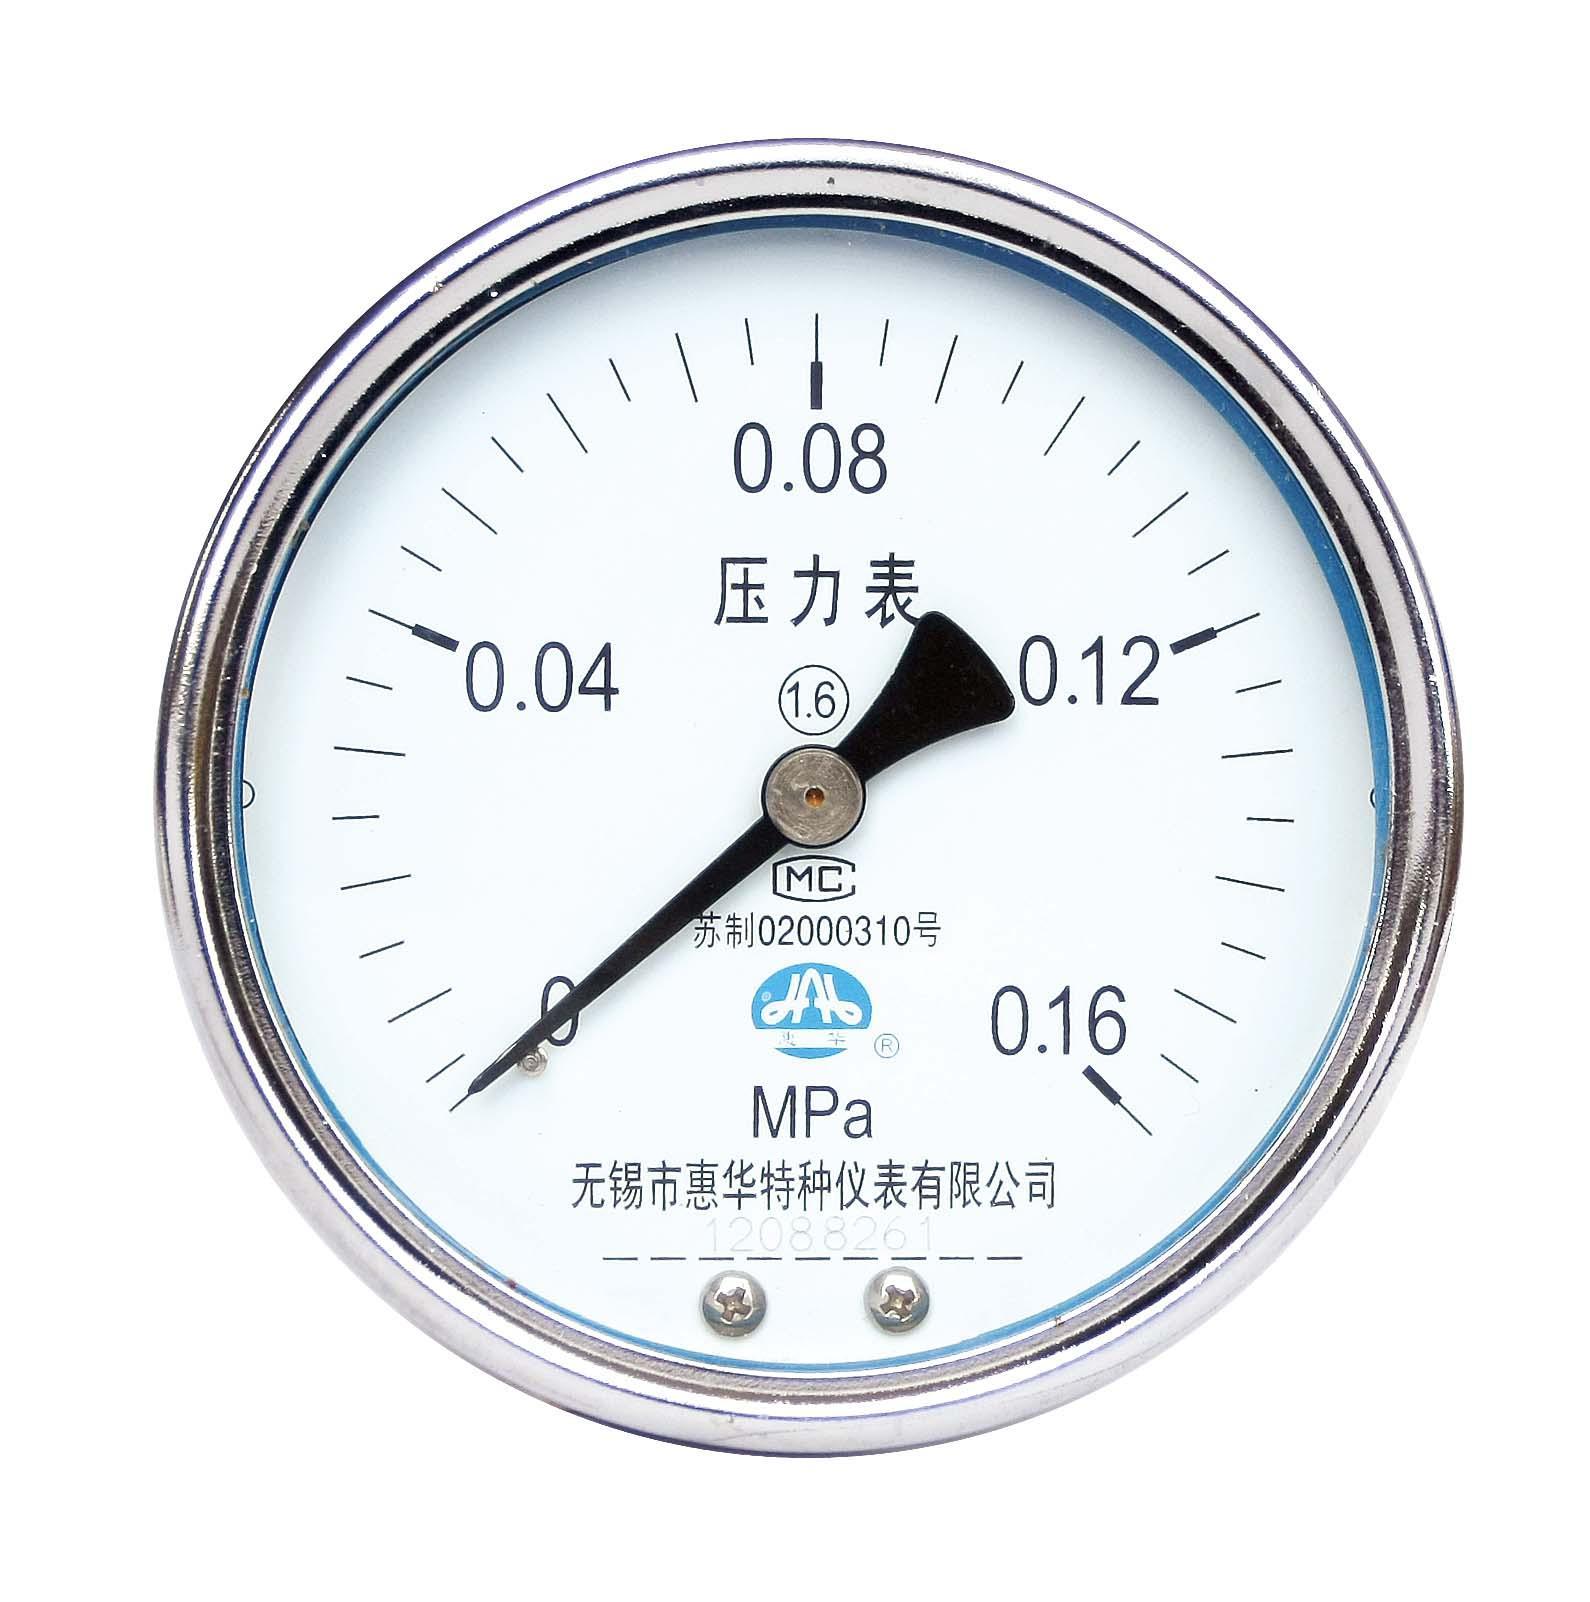 不锈钢压力表 不锈钢真空压力表 不锈钢弹簧管压力表 5